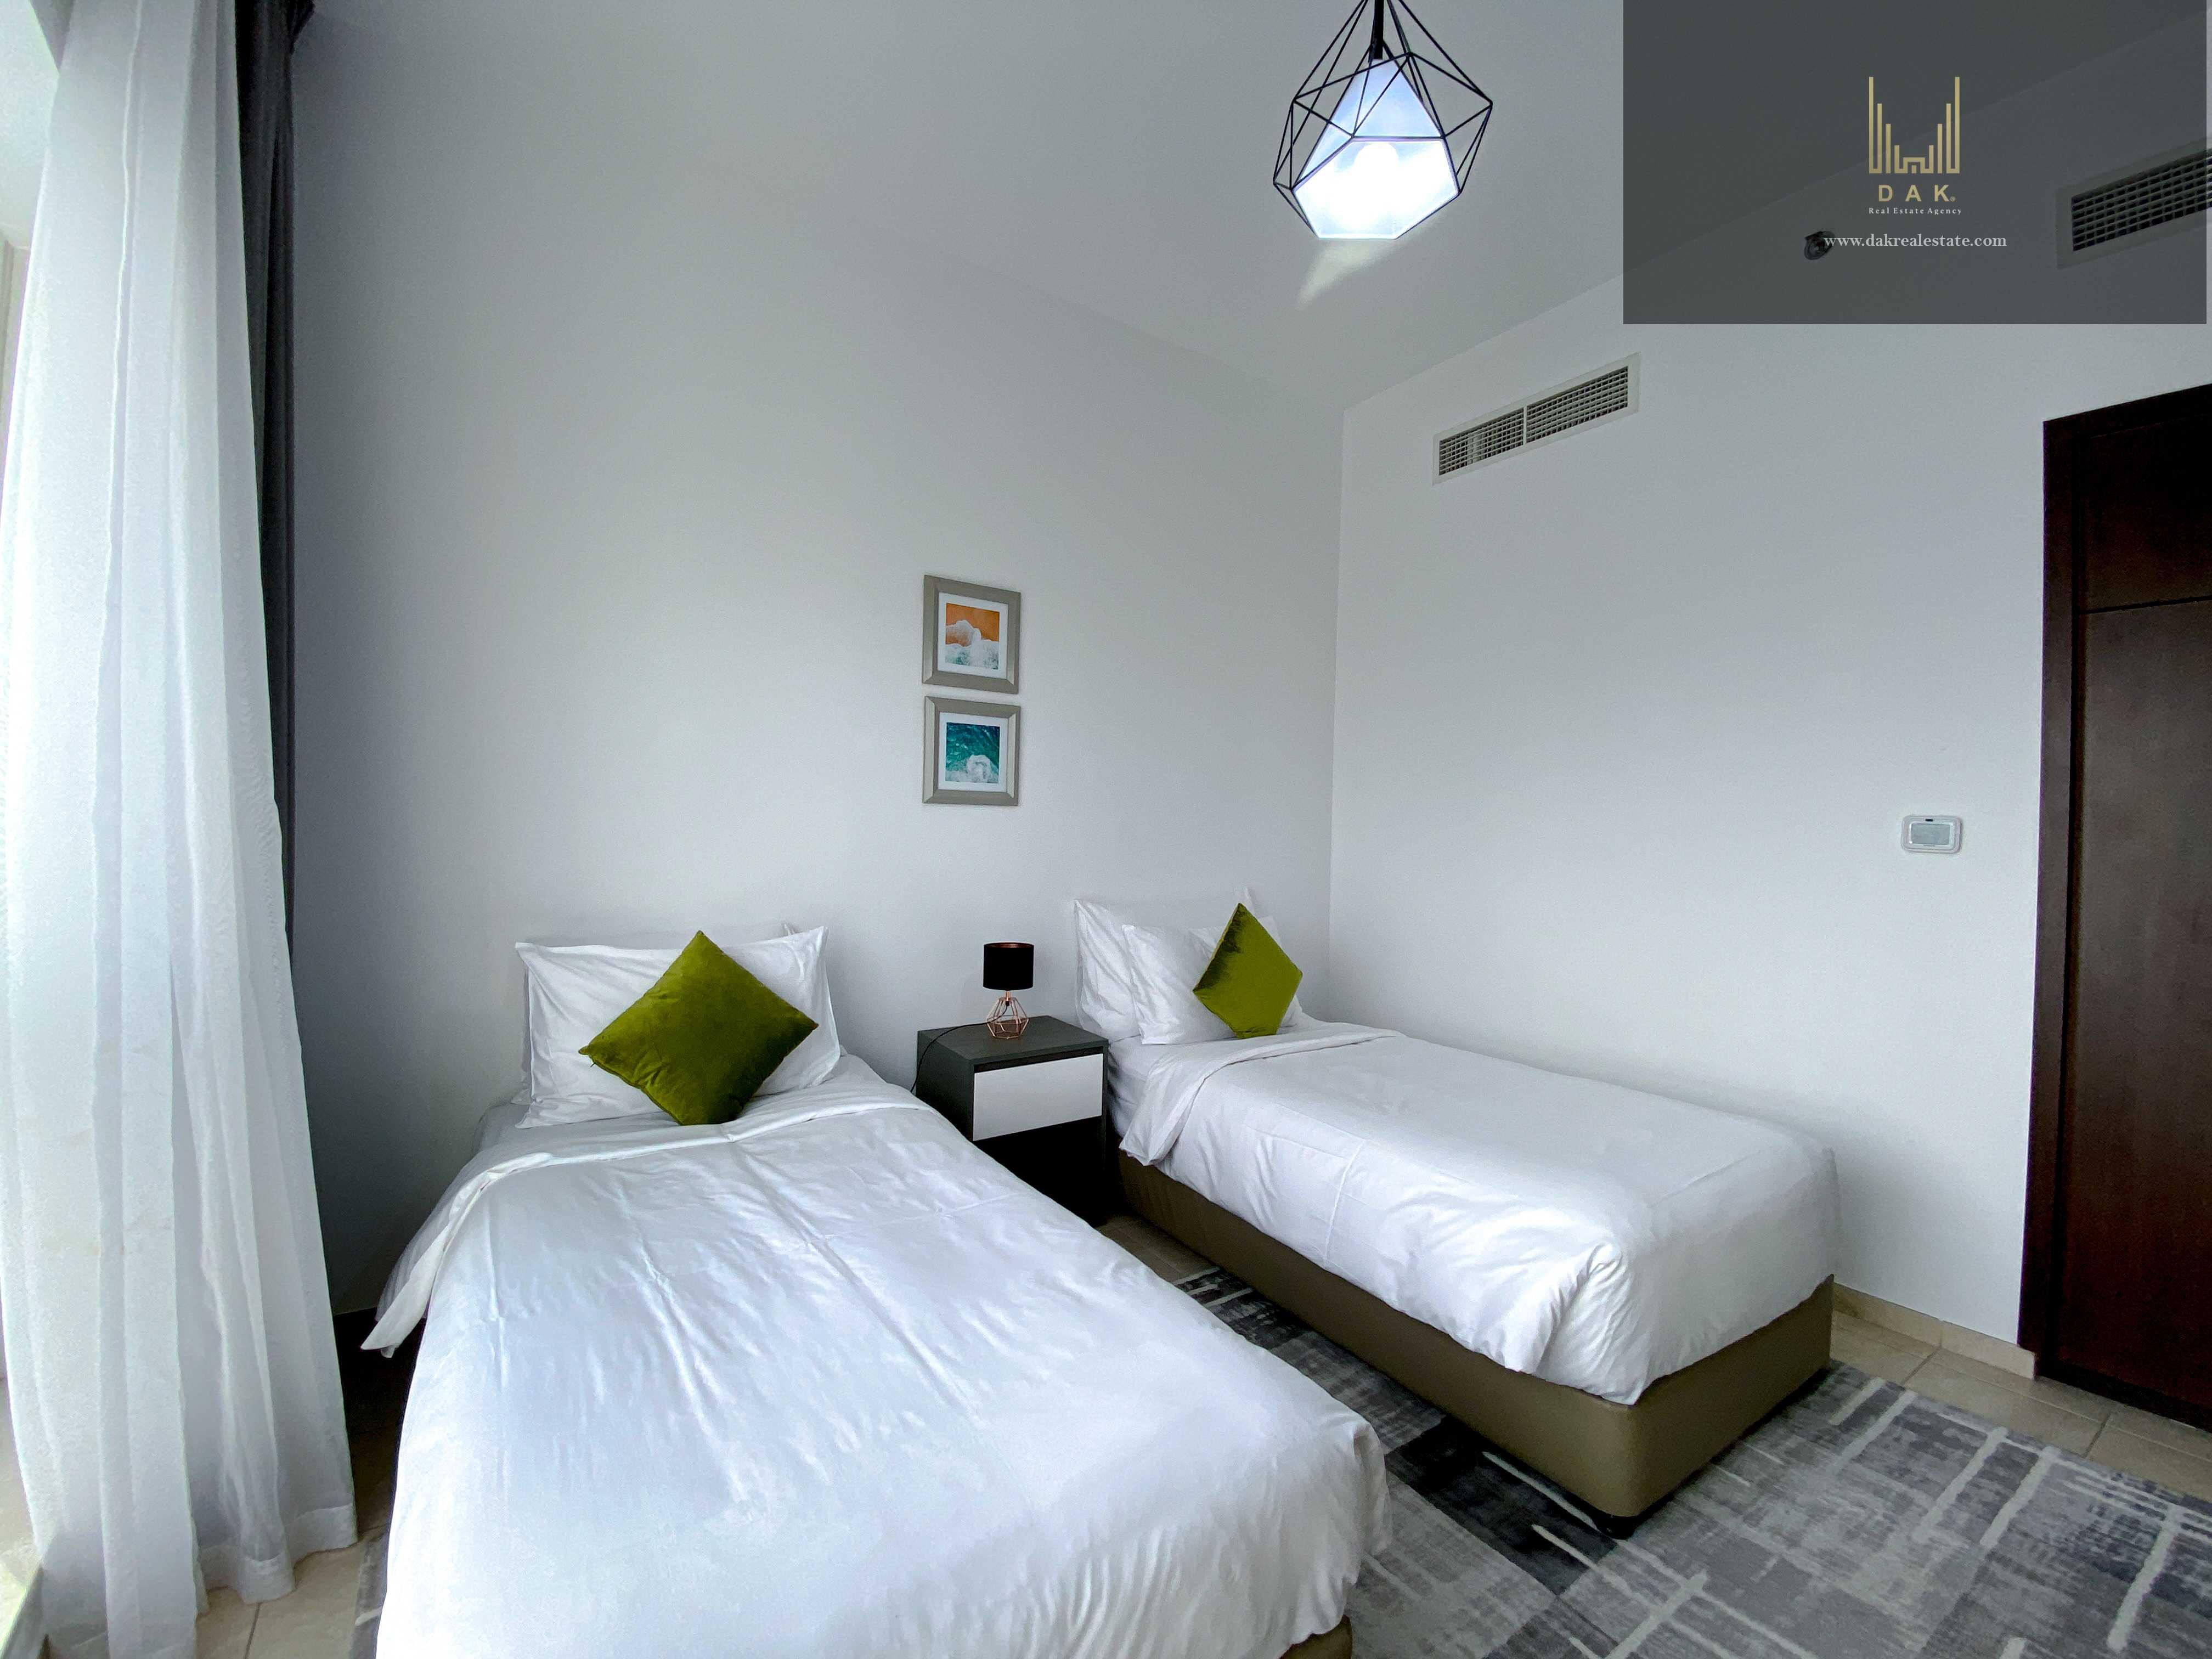 Extravagant 3 Bedroom furnished